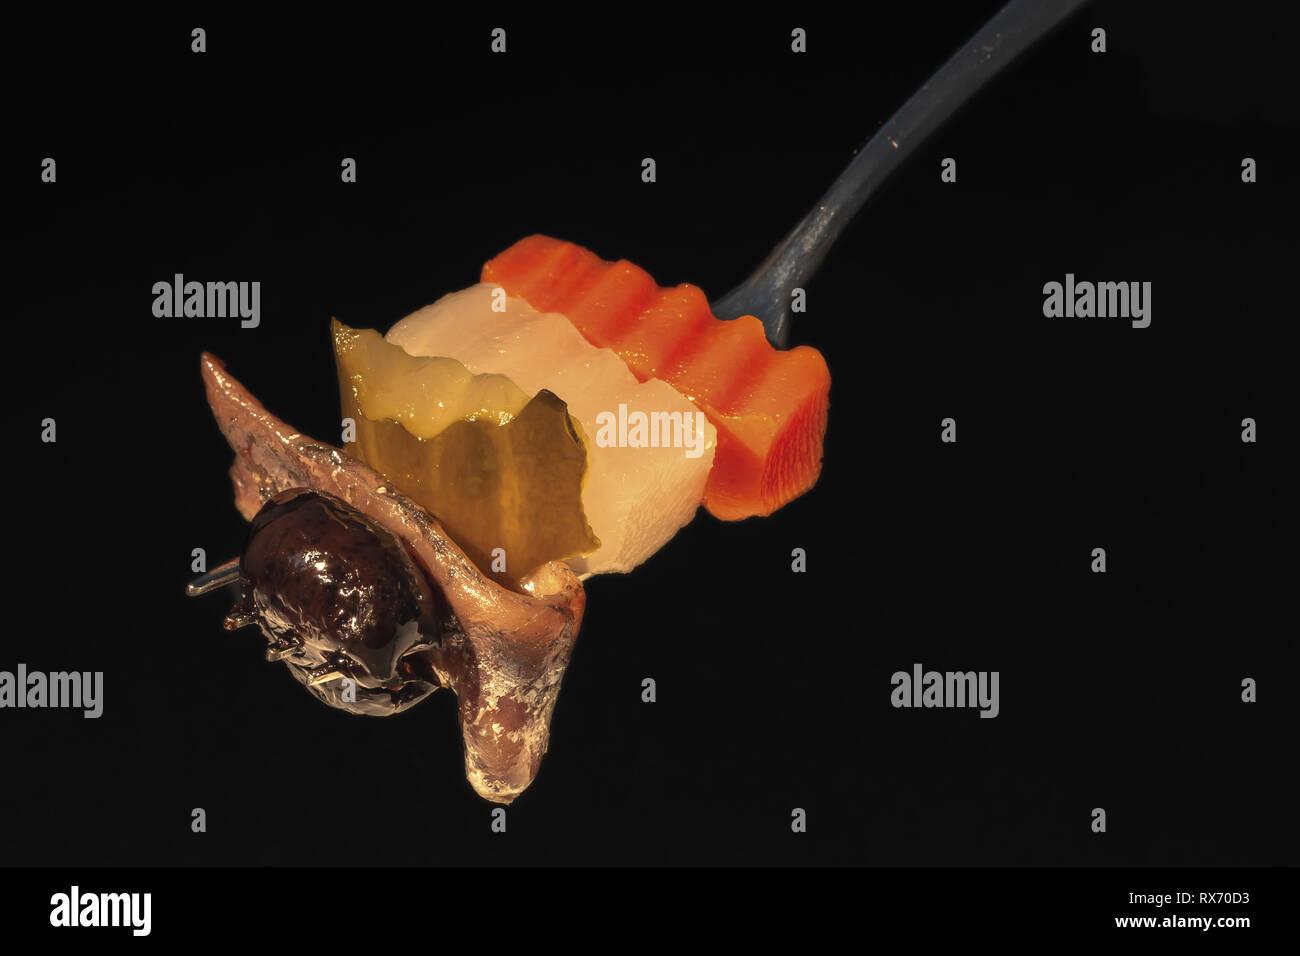 Forchetta con acciuga carota sedano bianco cetriolo Oliva Nera fondo nero da sopra Photo Stock